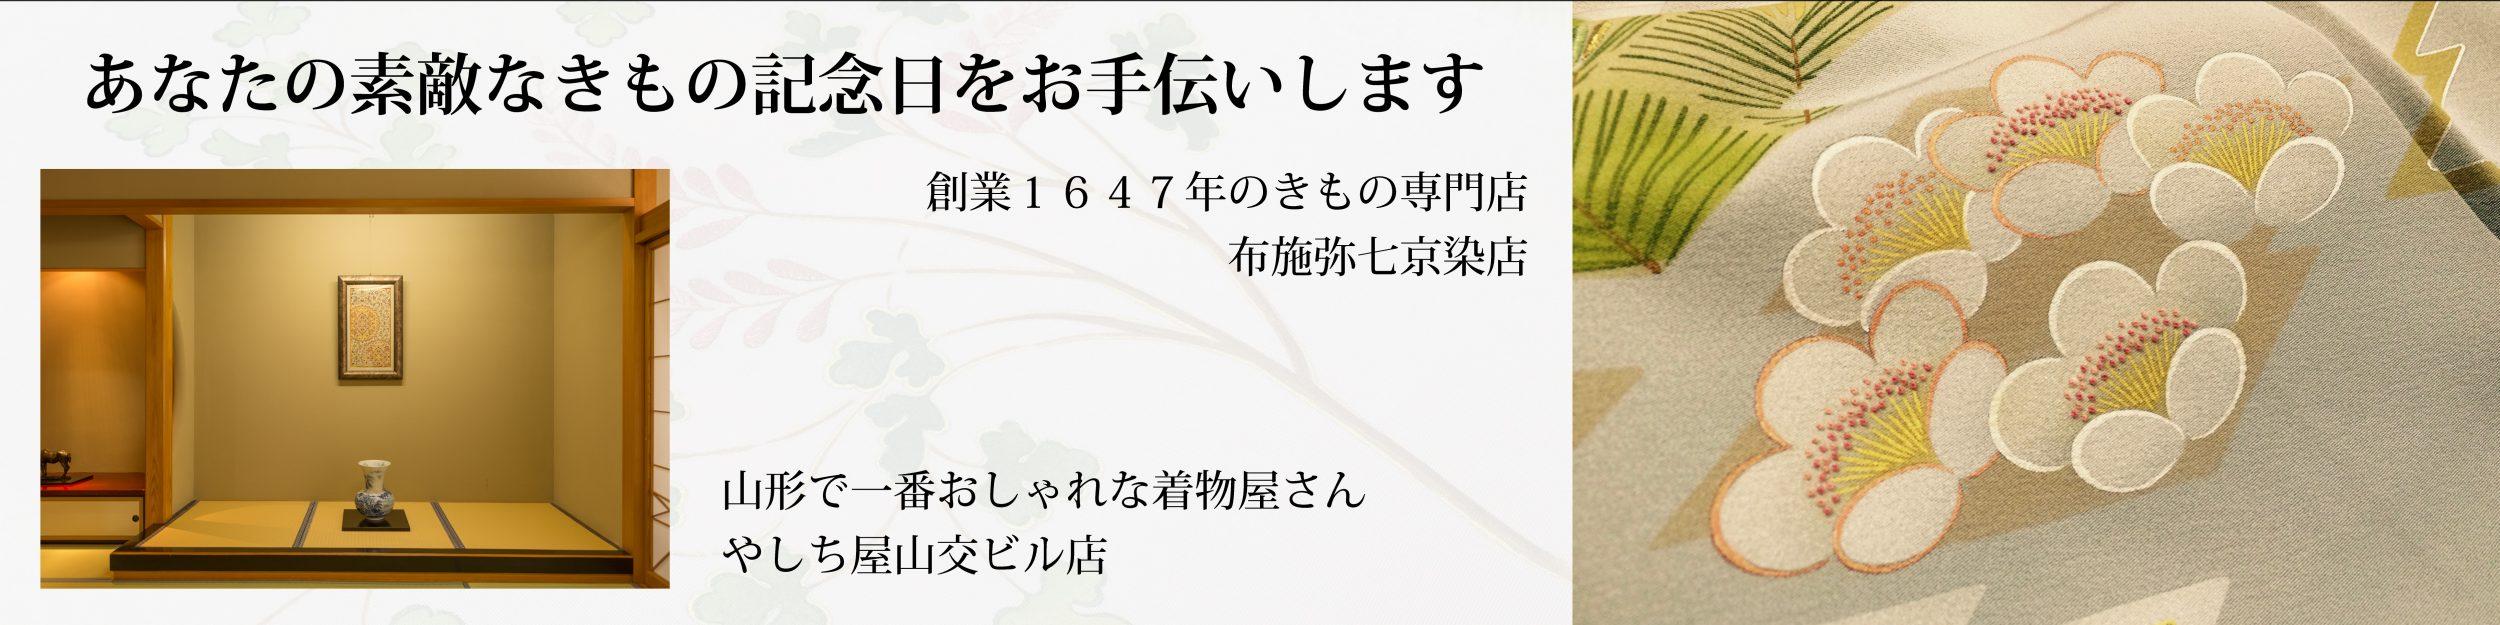 きもの記念日@BLOGS